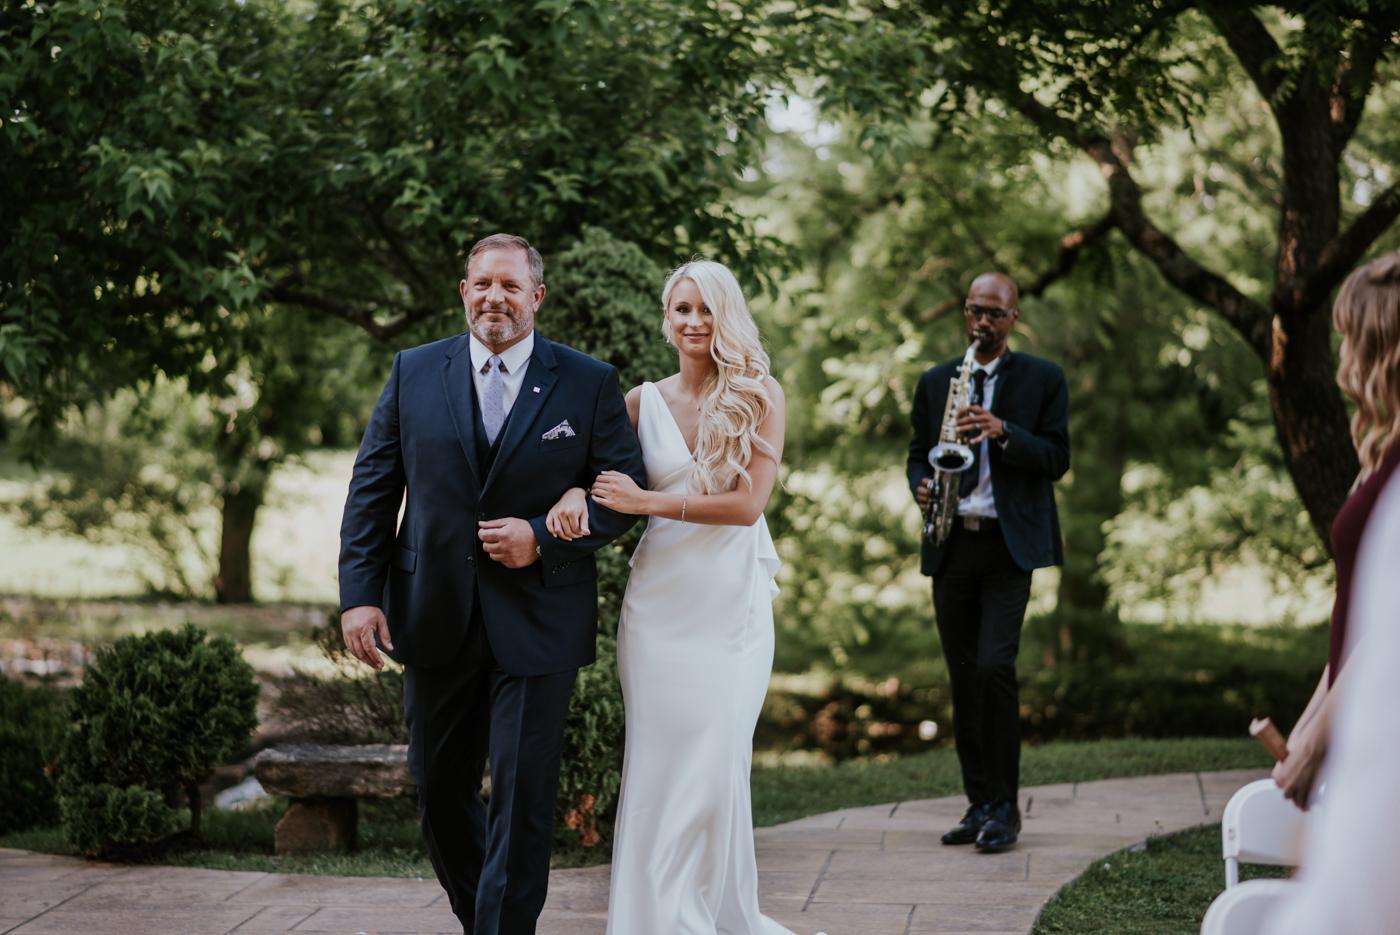 Sierra+Jacob.Wedding.Blog©mileswittboyer.com2018-83.jpg